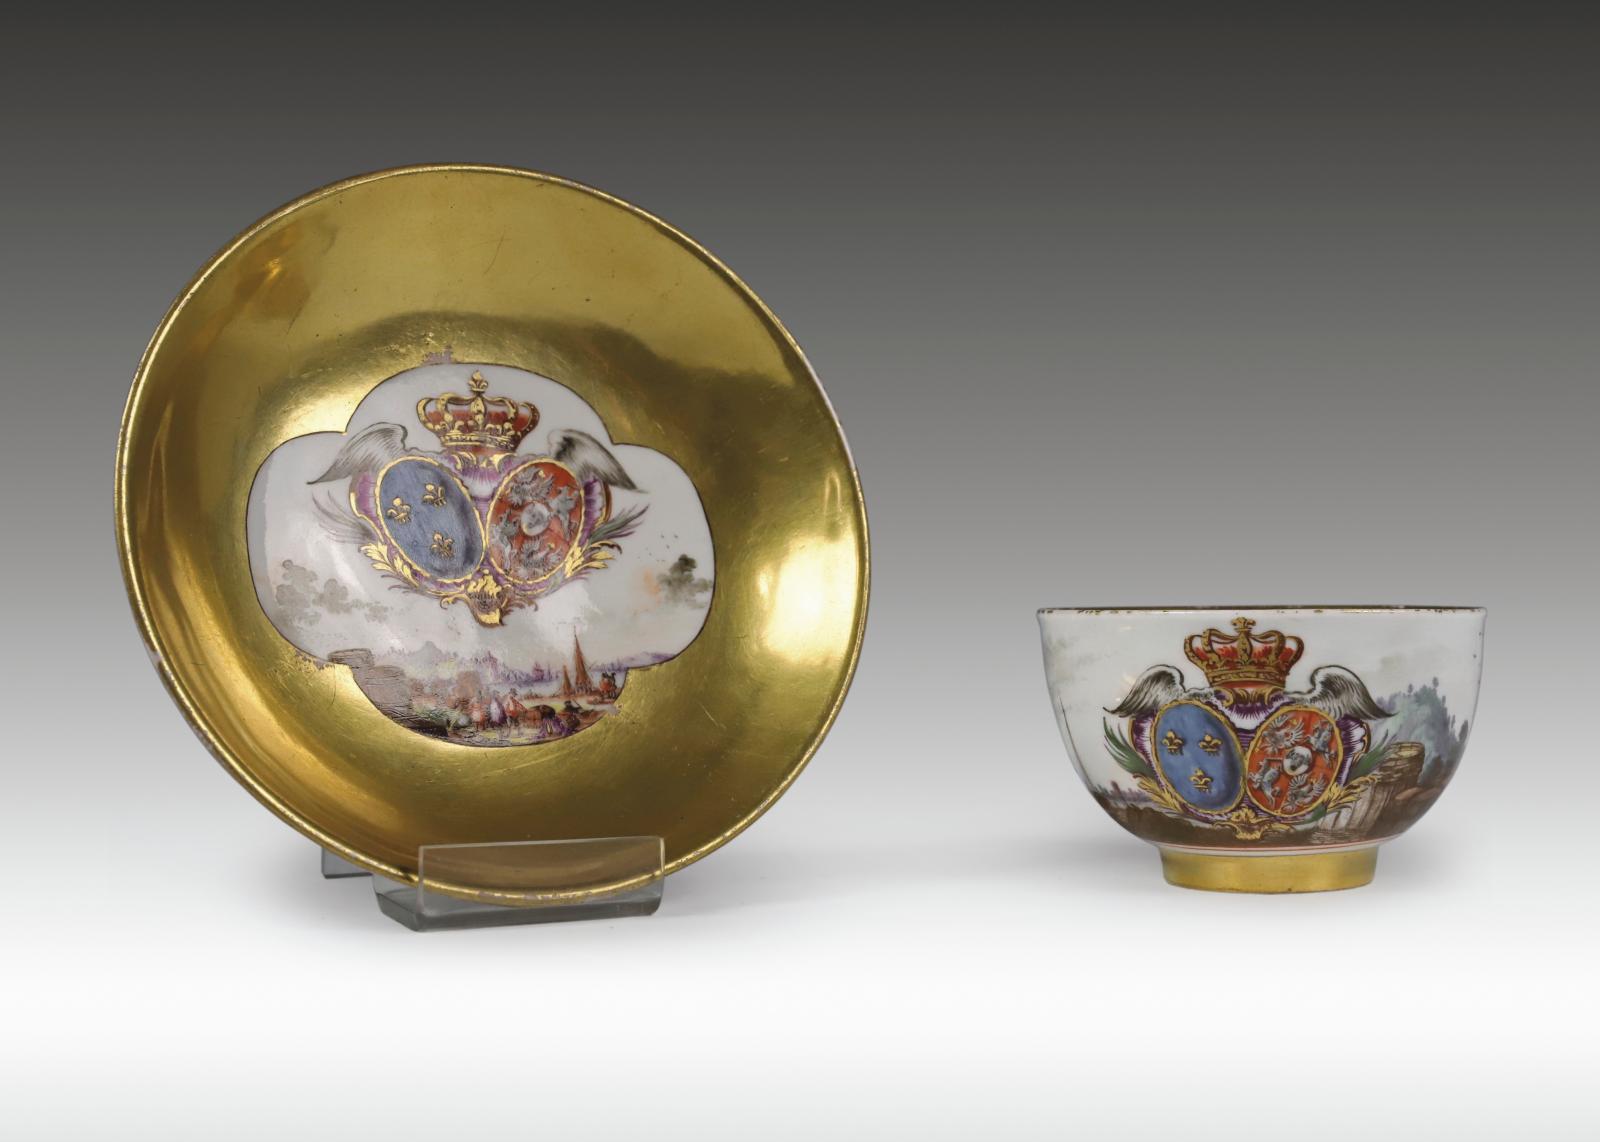 Meissen. Tasse-coupe avec sa soucoupe en porcelaine à décor polychrome de personnages, armes sur fond or de LouisXV et Marie Leszczynska,